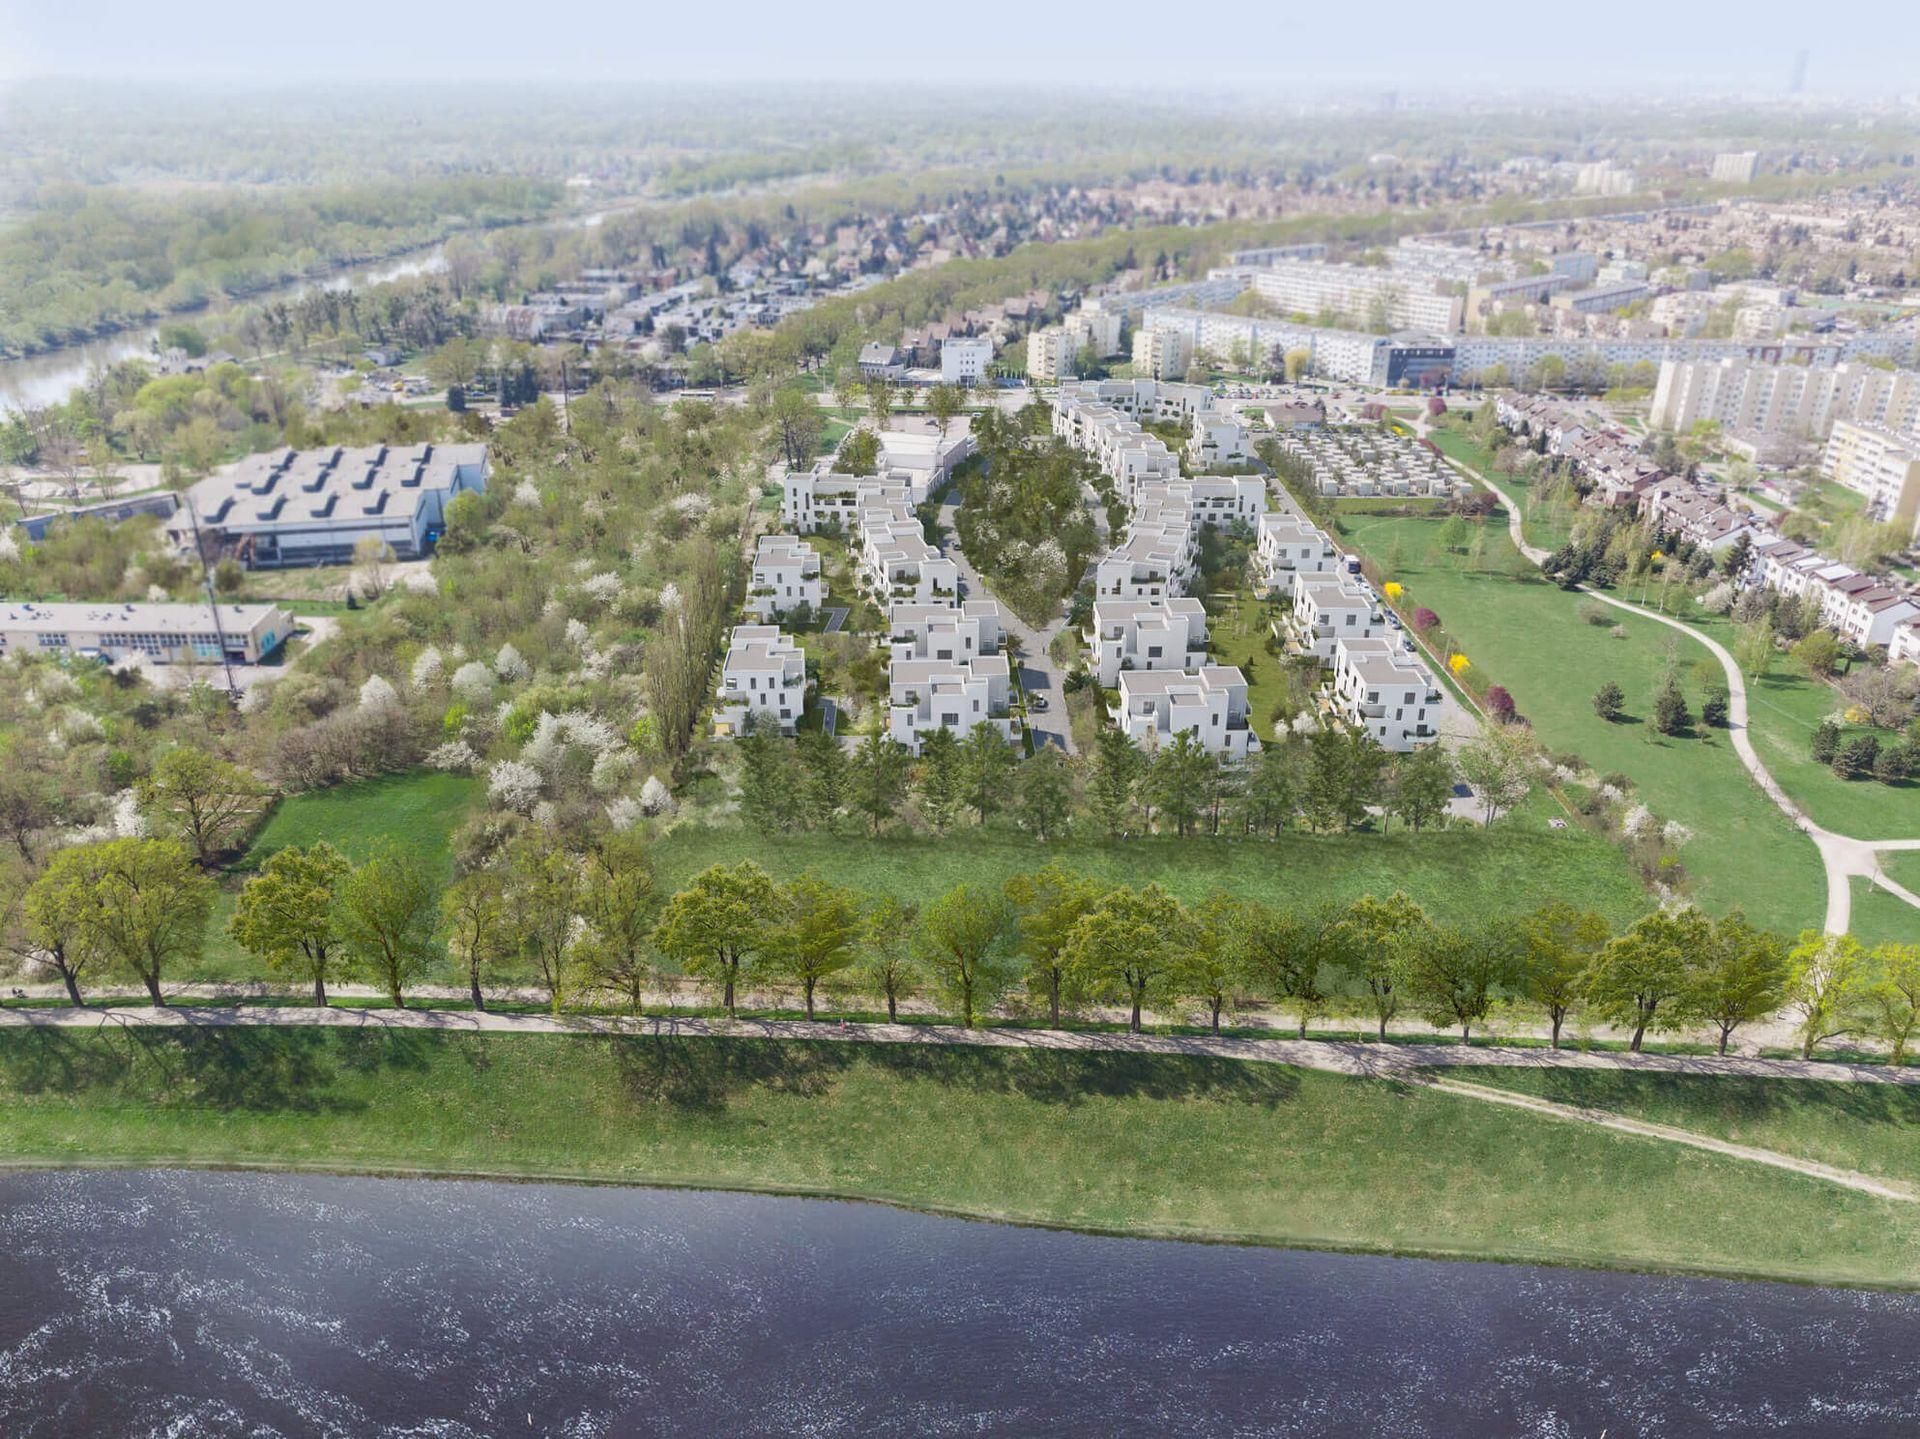 Trei Real Estate startuje ze swoim pierwszym w Polsce projektem mieszkaniowym. Stawia na Wrocław